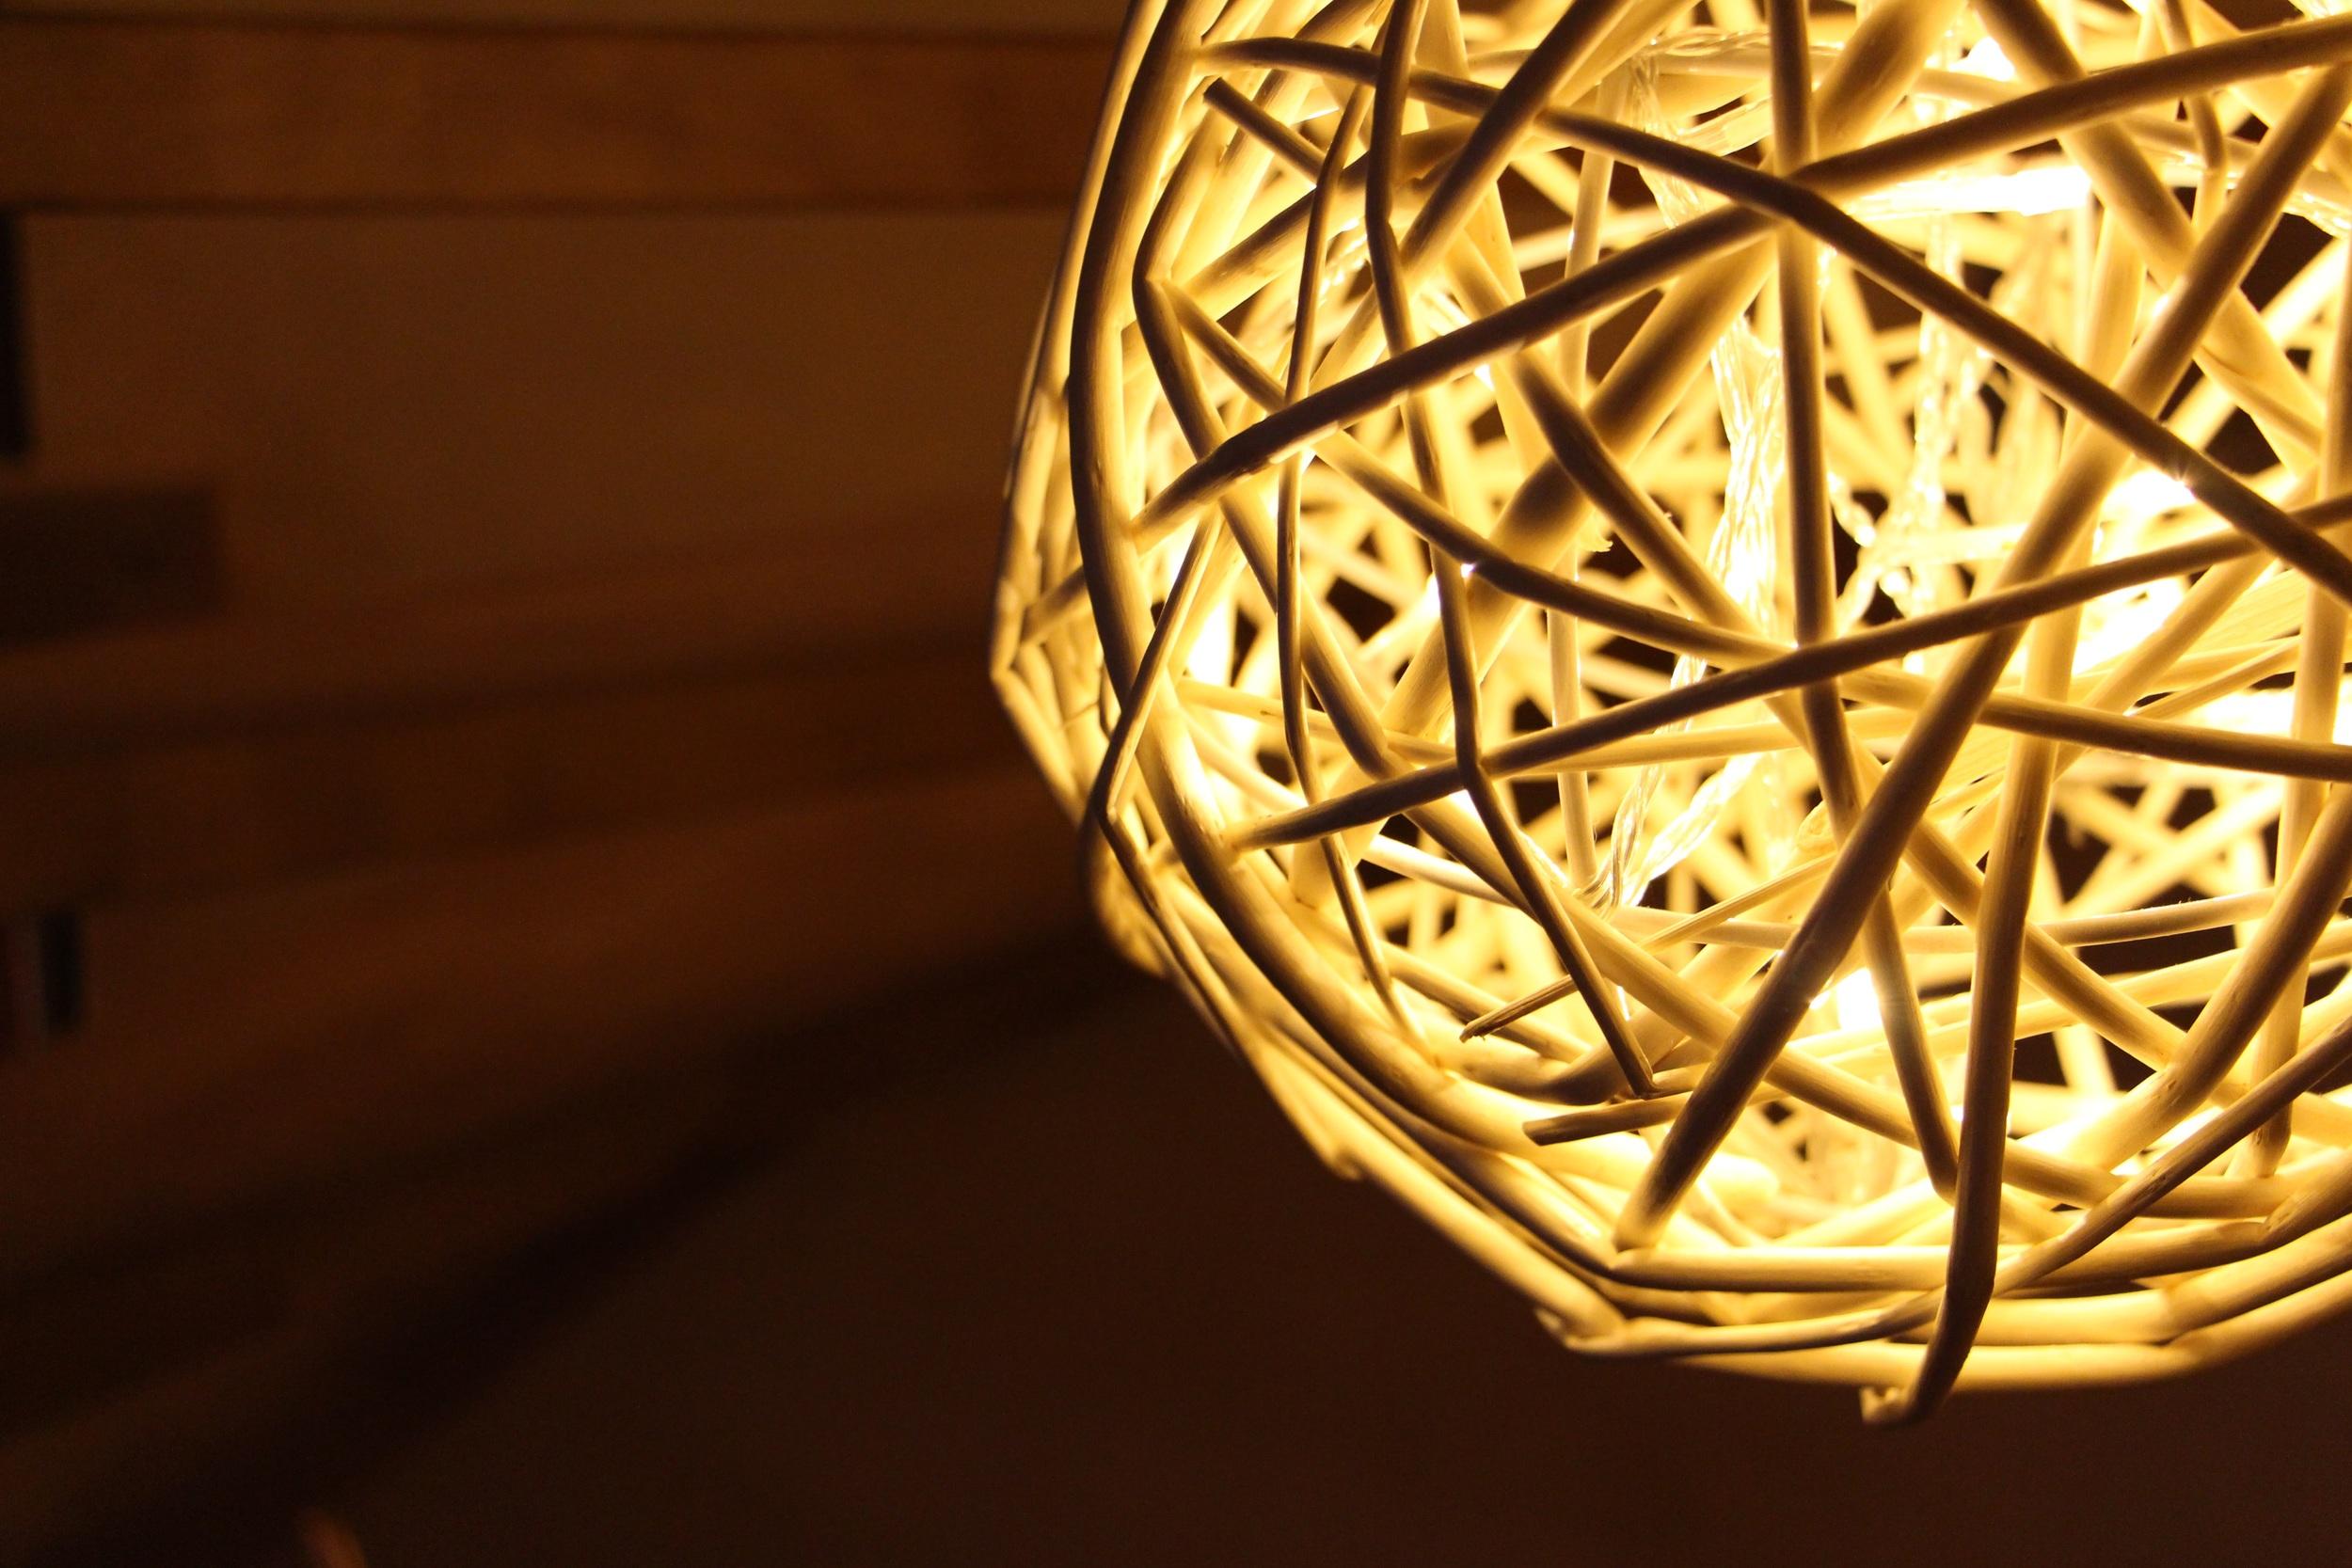 light-640768.jpg